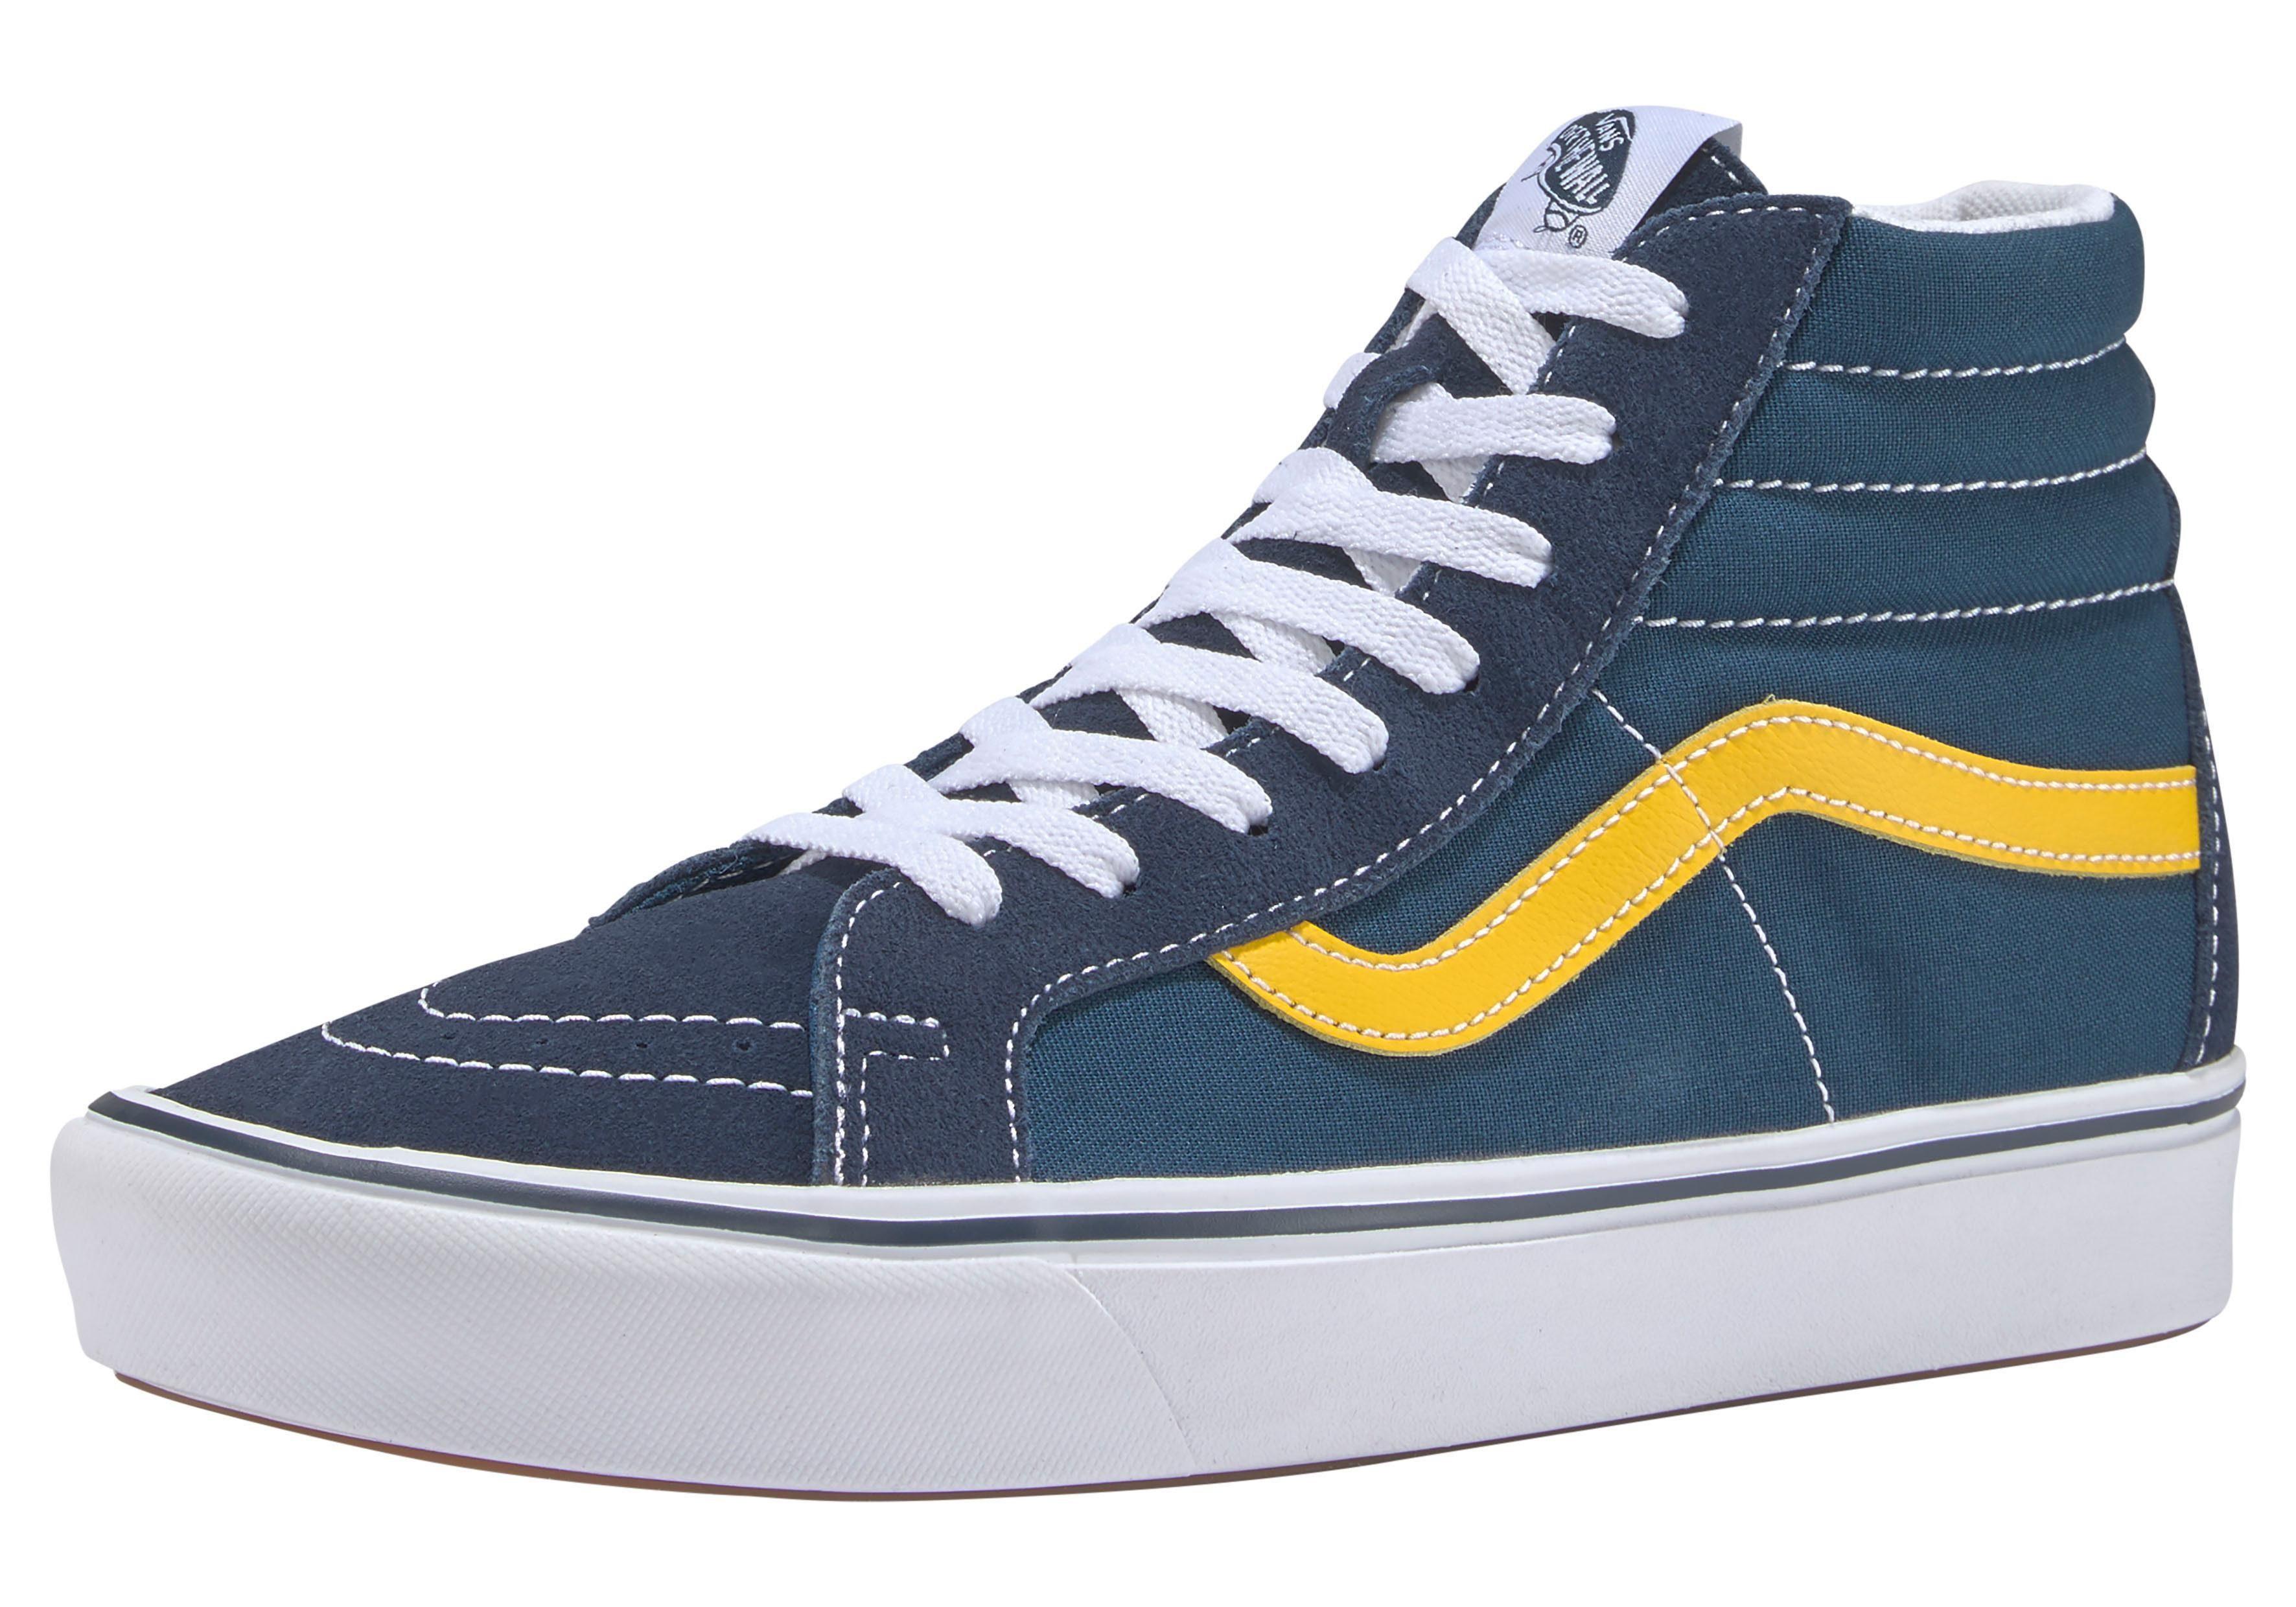 Vans »ComfyCush SK8 Hi Reissue« Sneaker, Knöchelhoher Sneaker von VANS online kaufen | OTTO